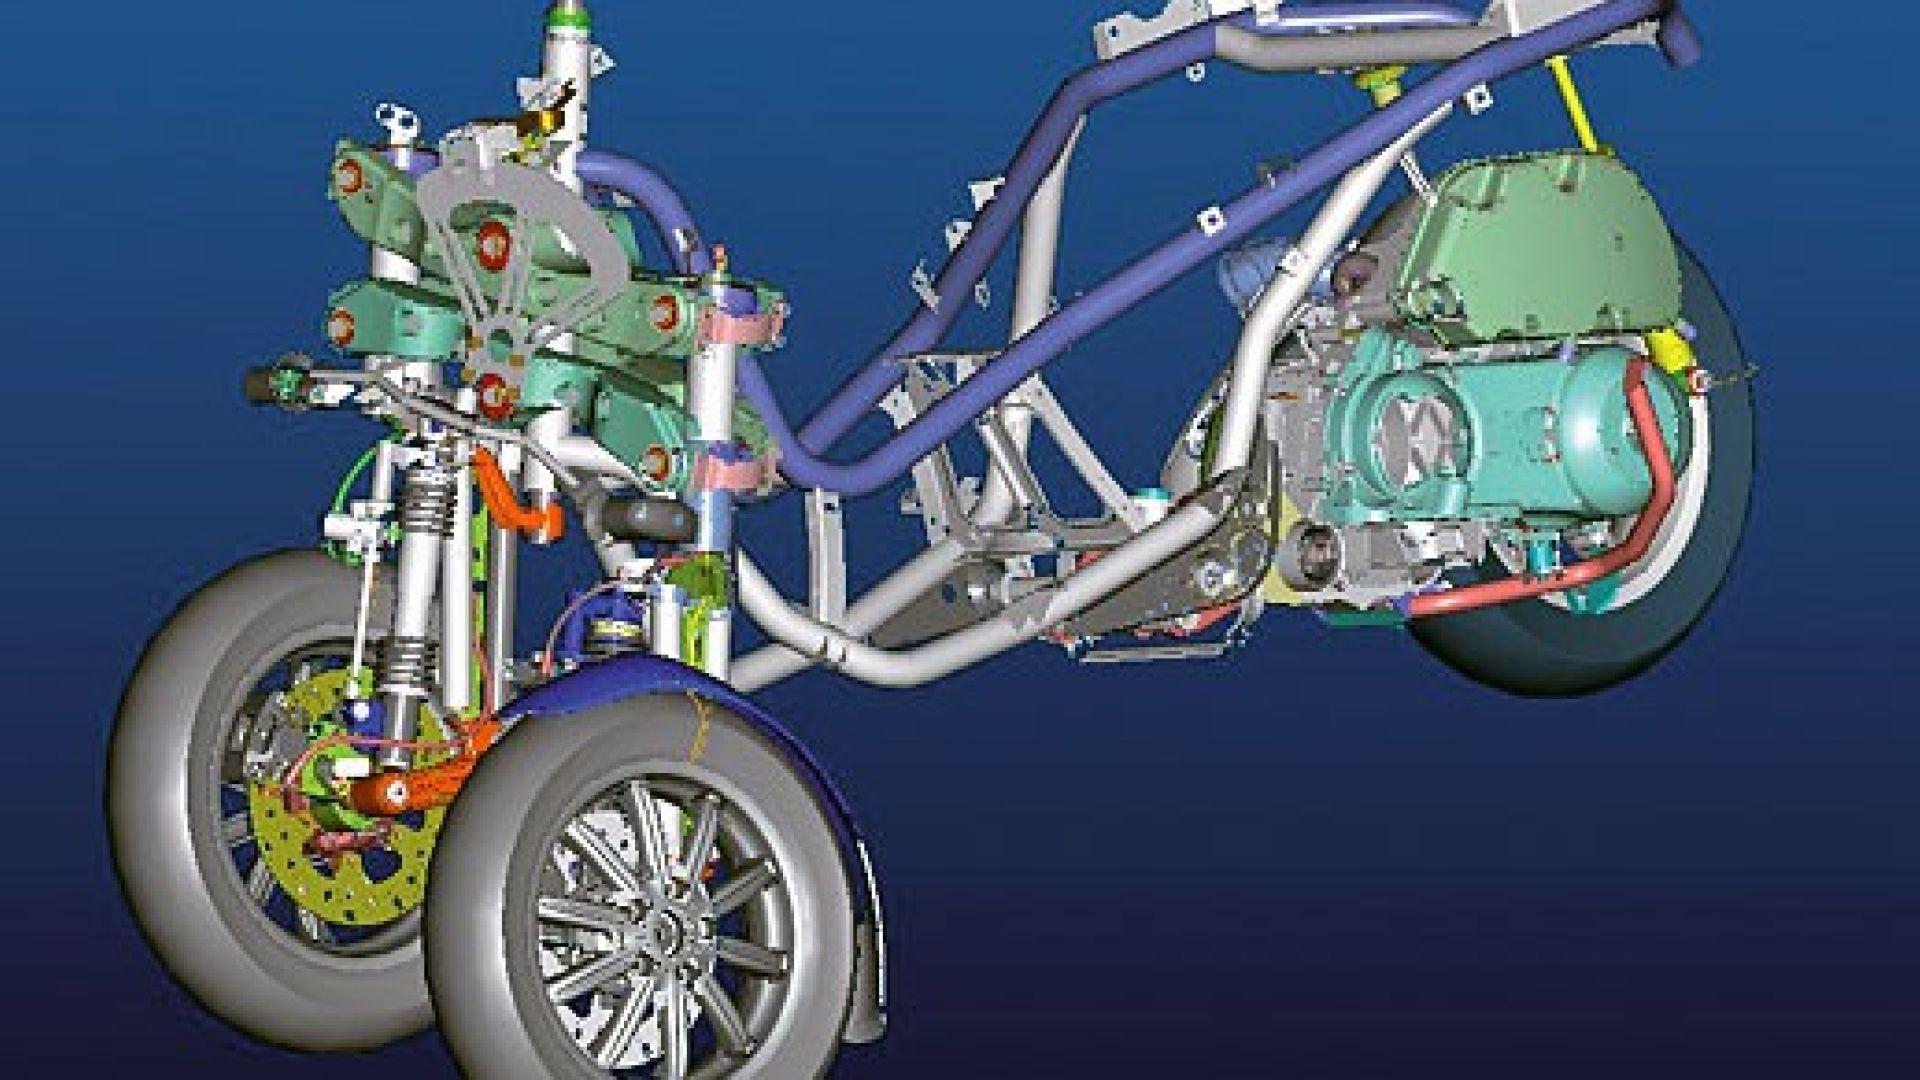 Immagine 22: Piaggio MP3, lo scooter con tre ruote